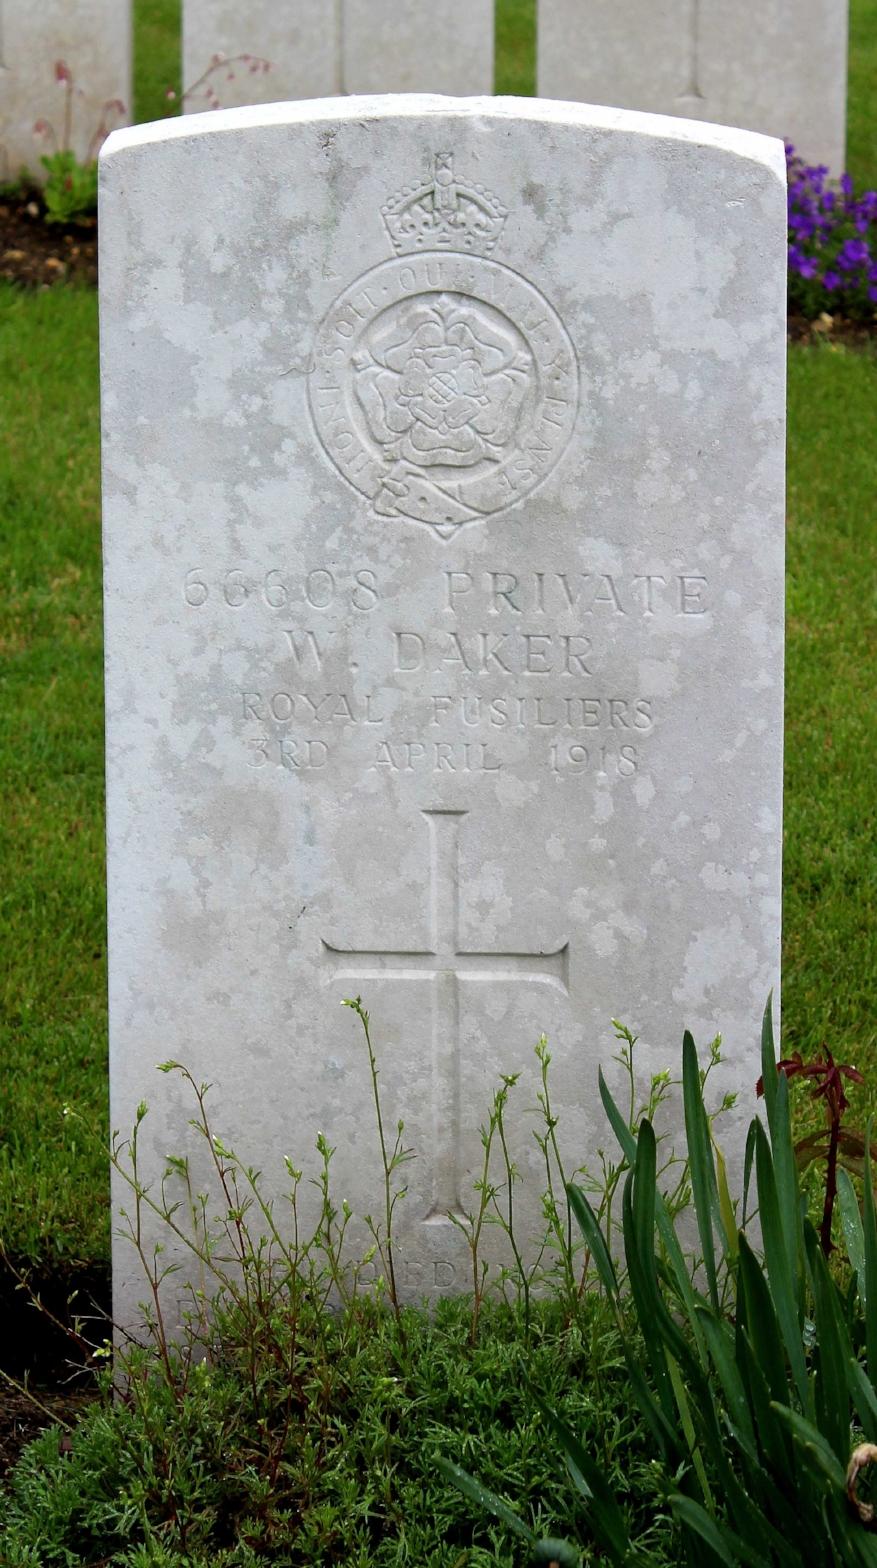 Gravestone of Private William Daker